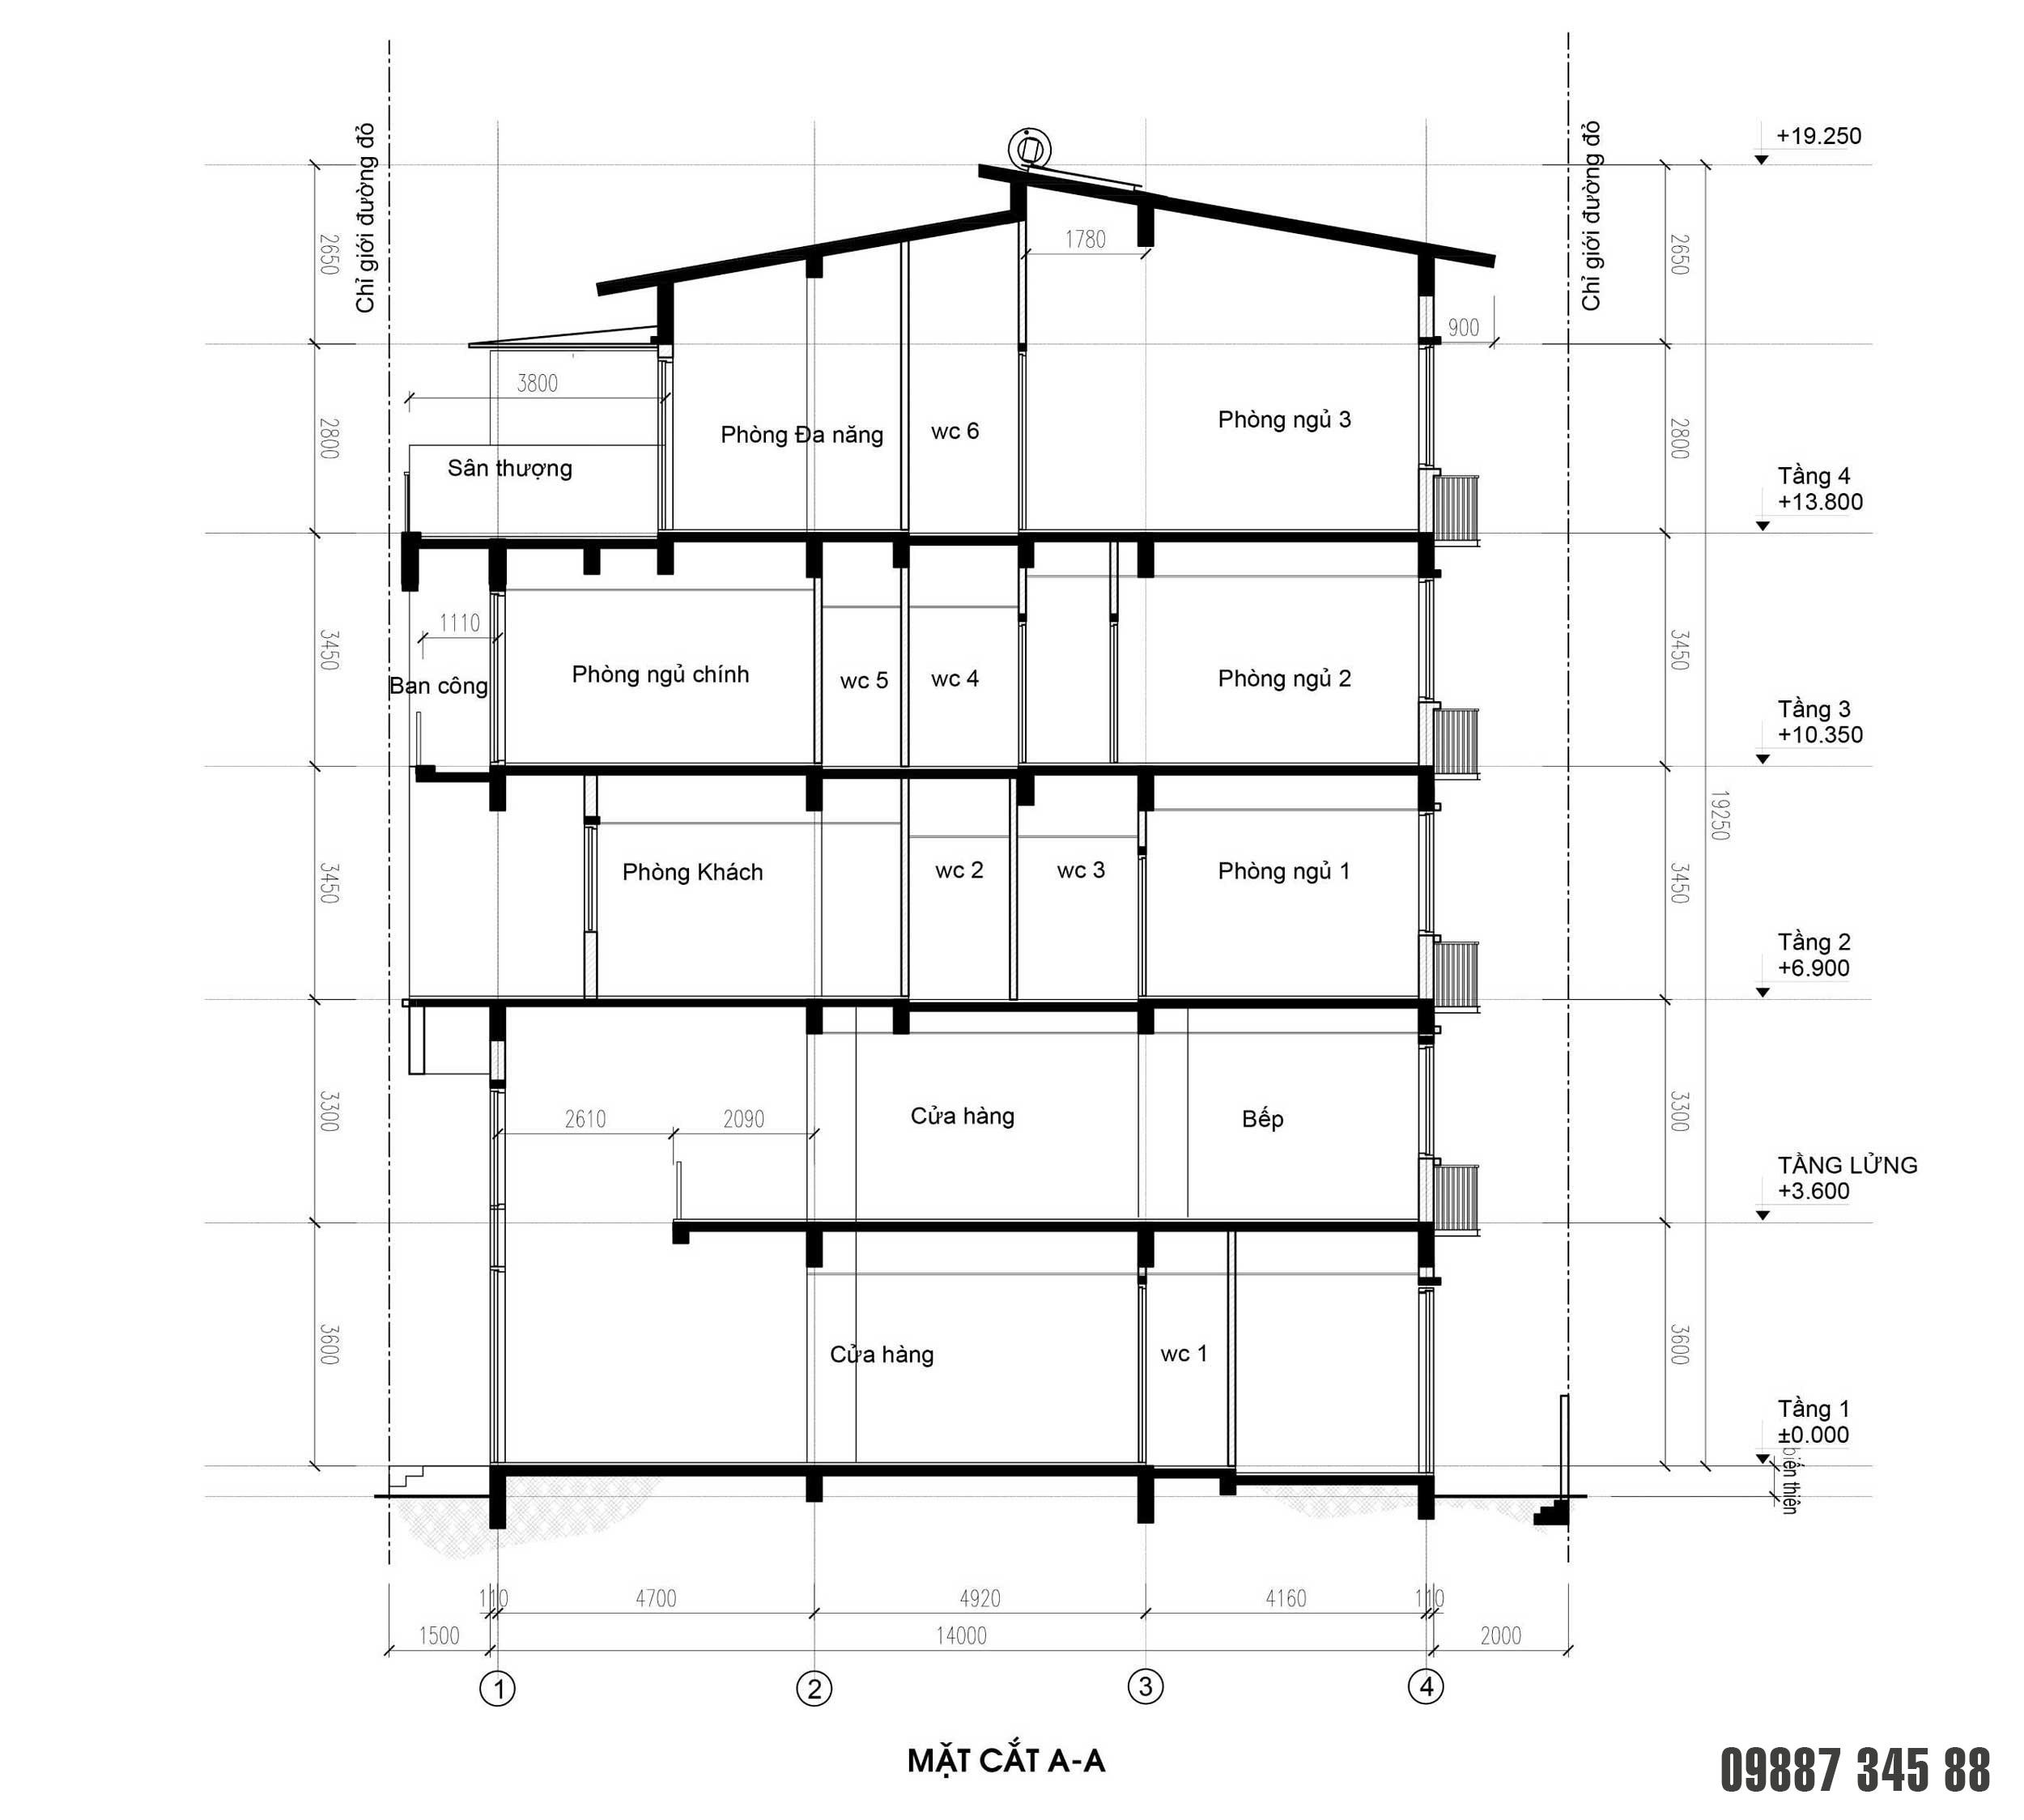 Mặt cắt - nhà phố Thủy Trúc(7x17,5m)